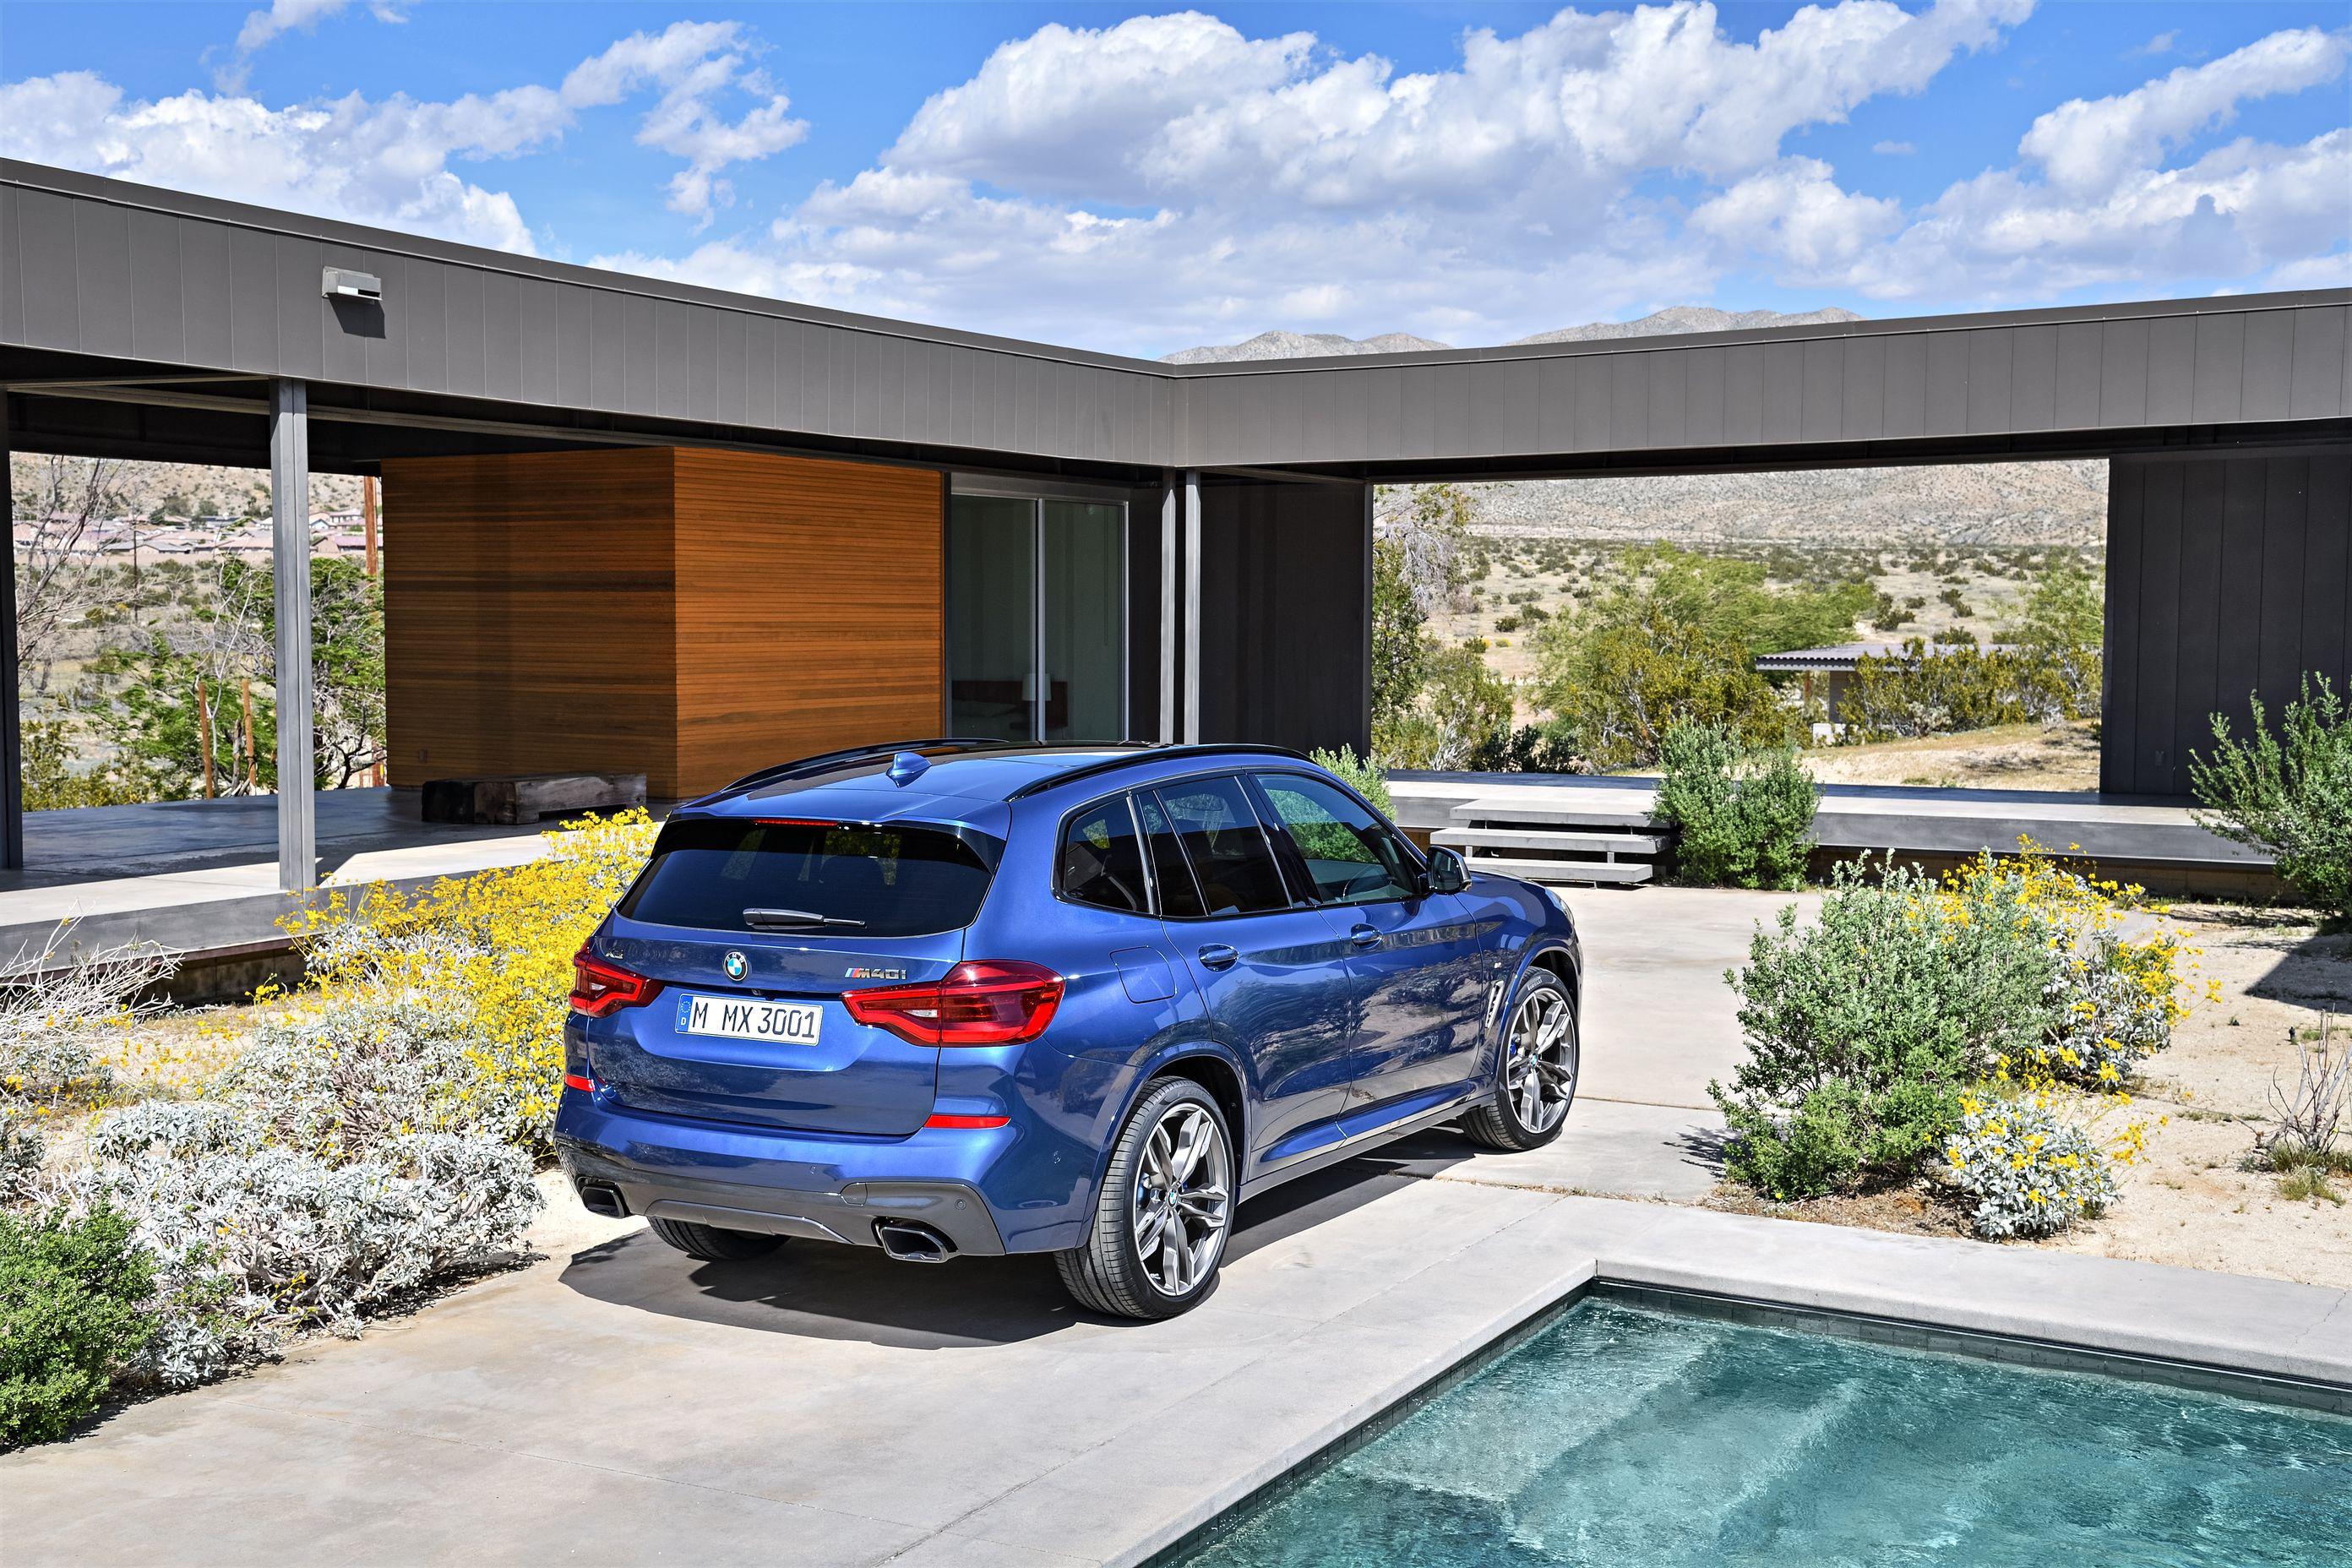 2016 - [BMW] X3 [G01] - Page 8 1498486492-bmw-x3-07